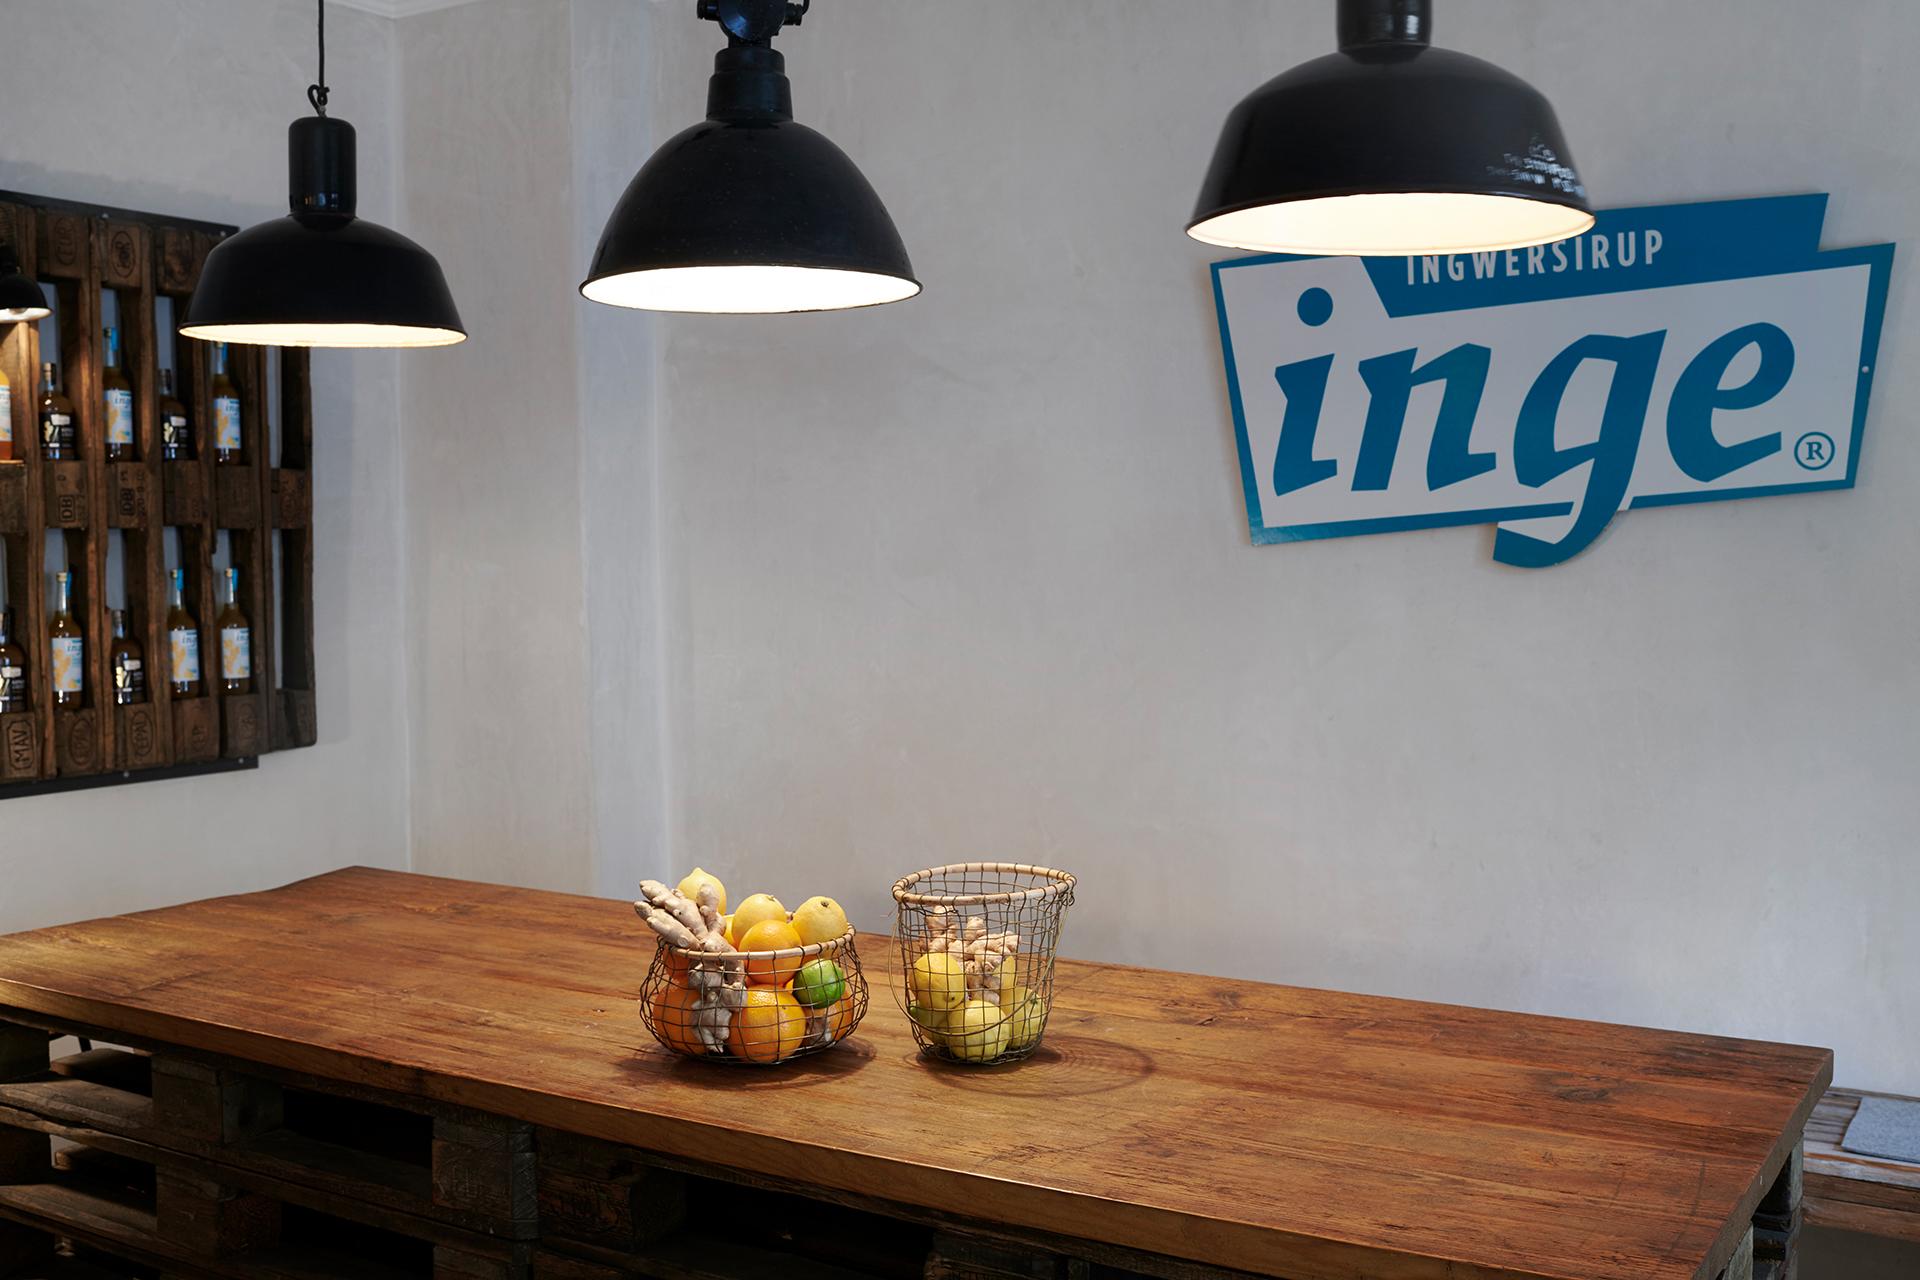 Holzmöbel und Lampen sorgen für eine gemütliche Atmosphäre im Inge Ladencafé